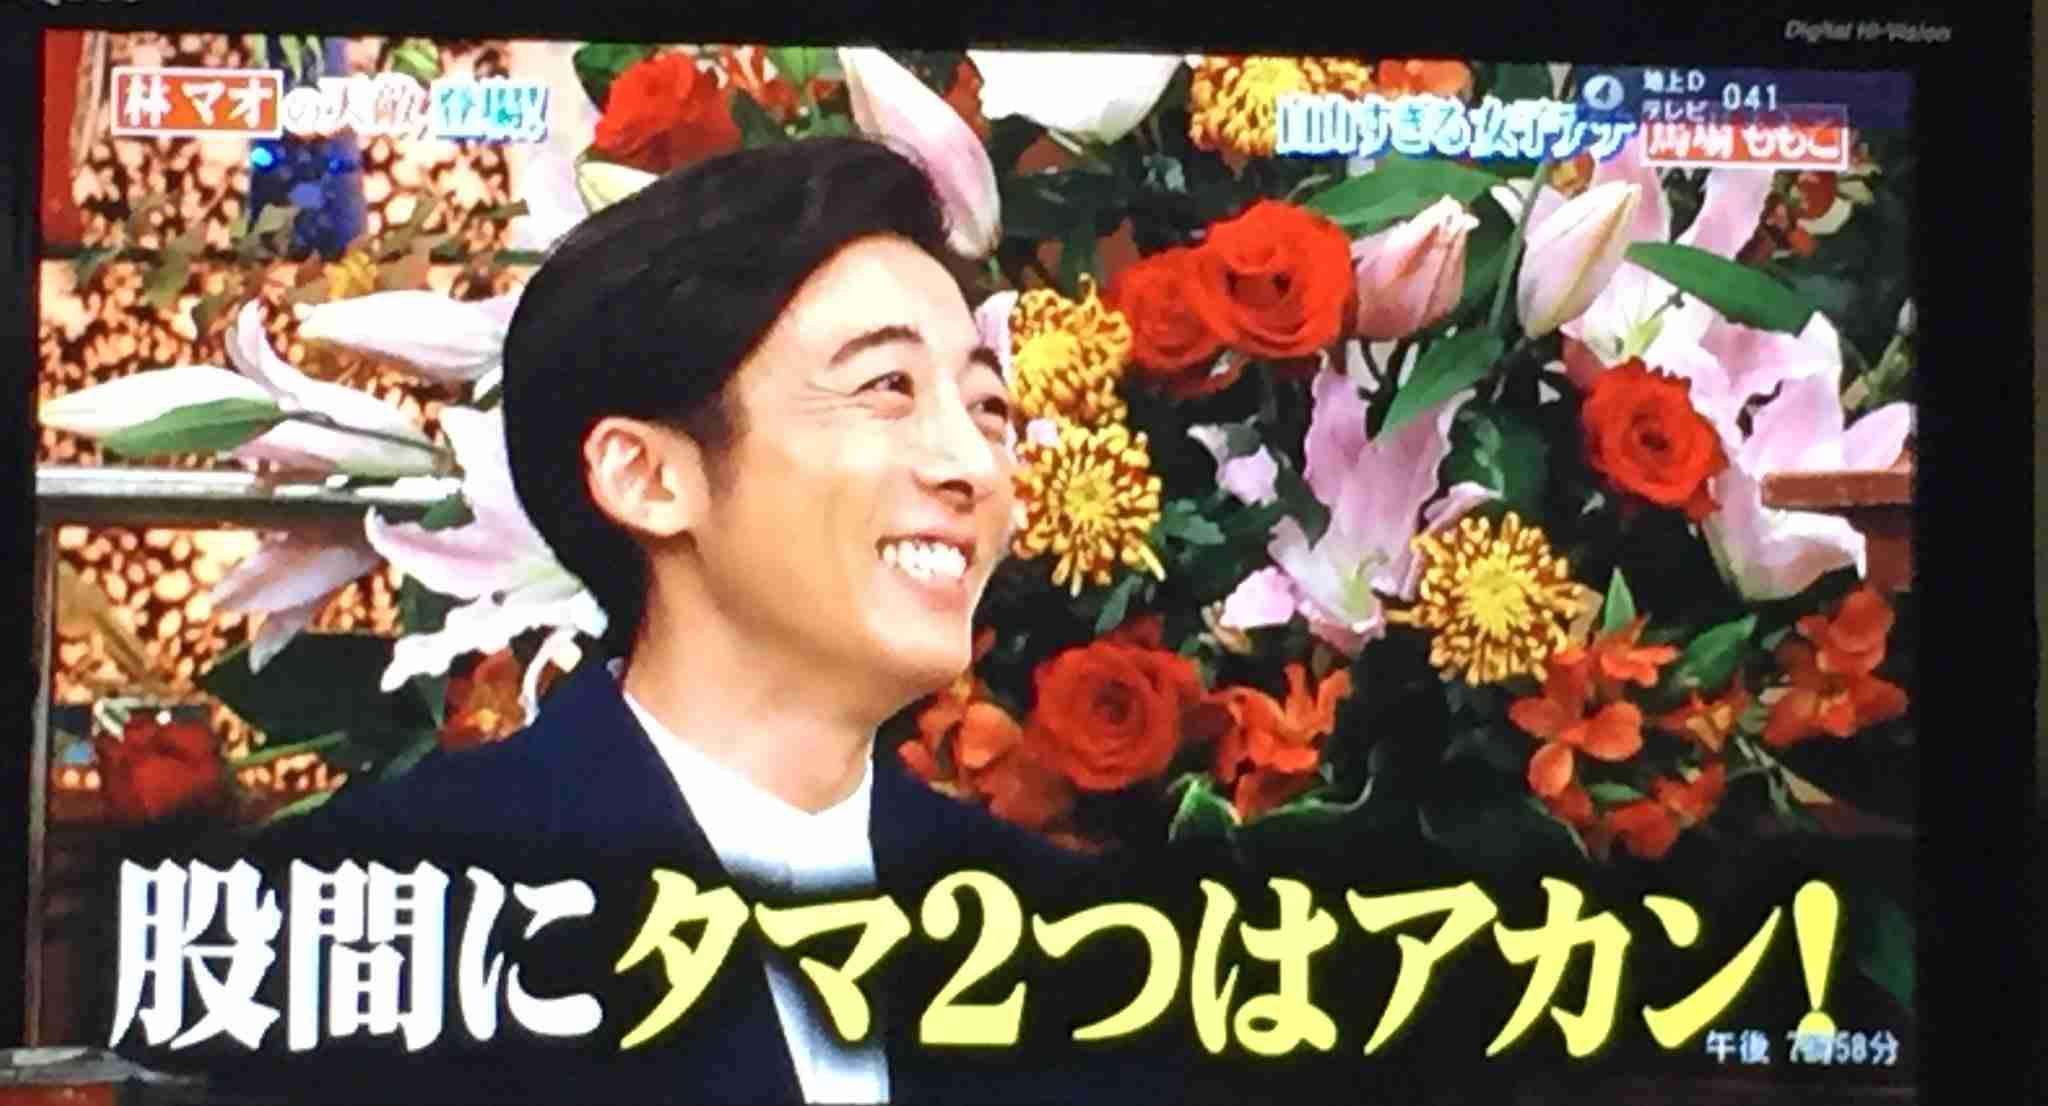 高橋一生と熱愛報道の森川葵、過去